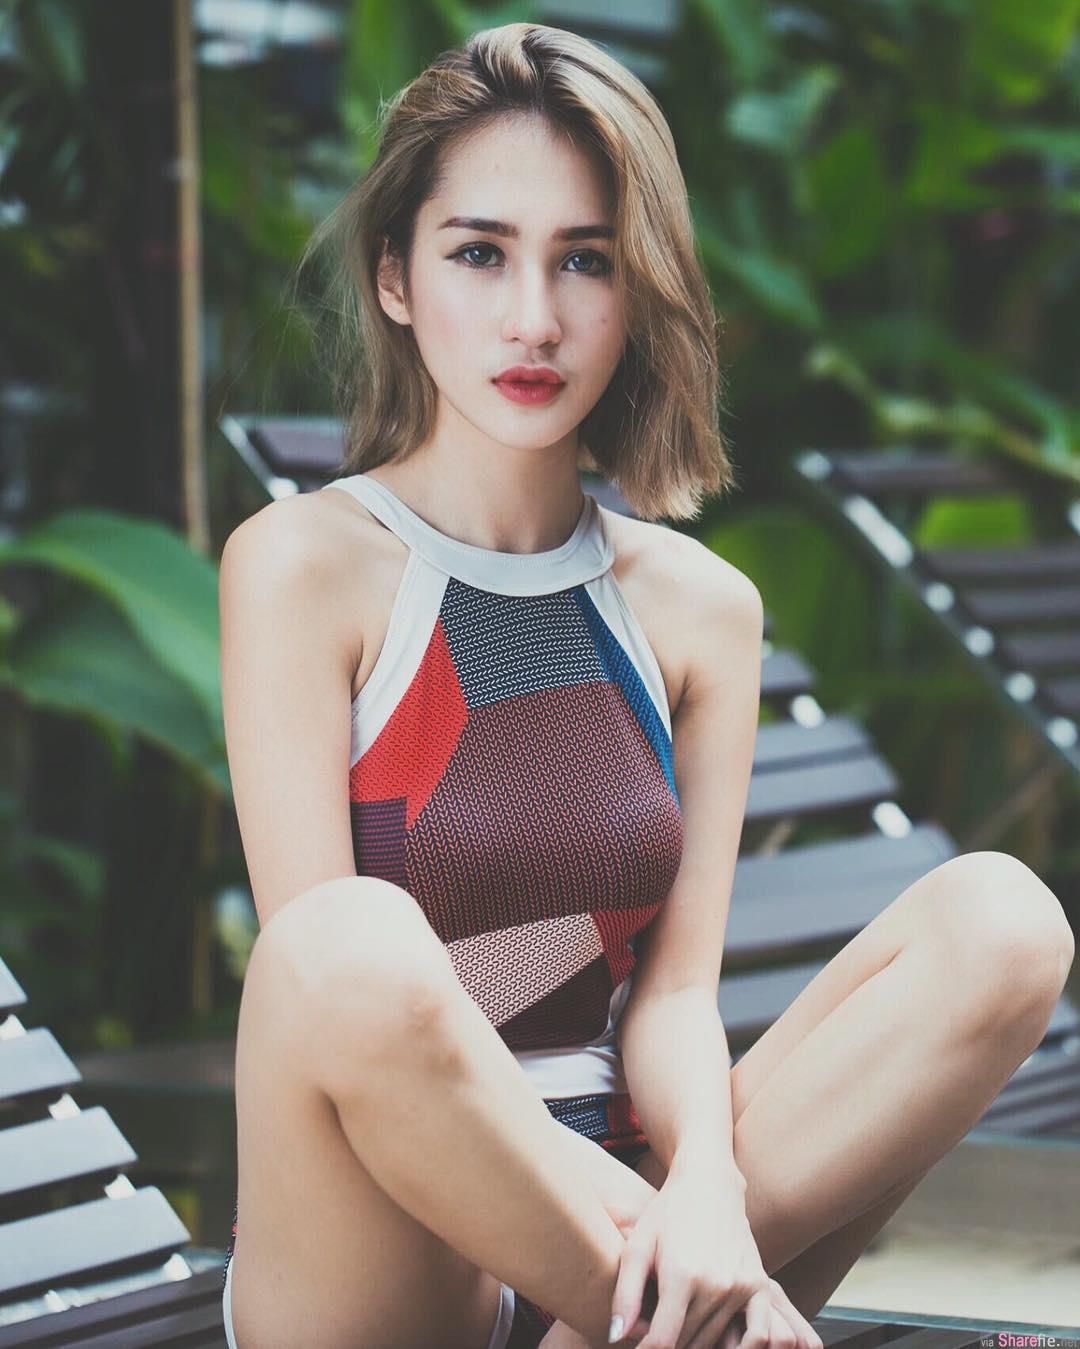 大马正妹麻豆Janiss Foong,难以抗拒的性感美唇